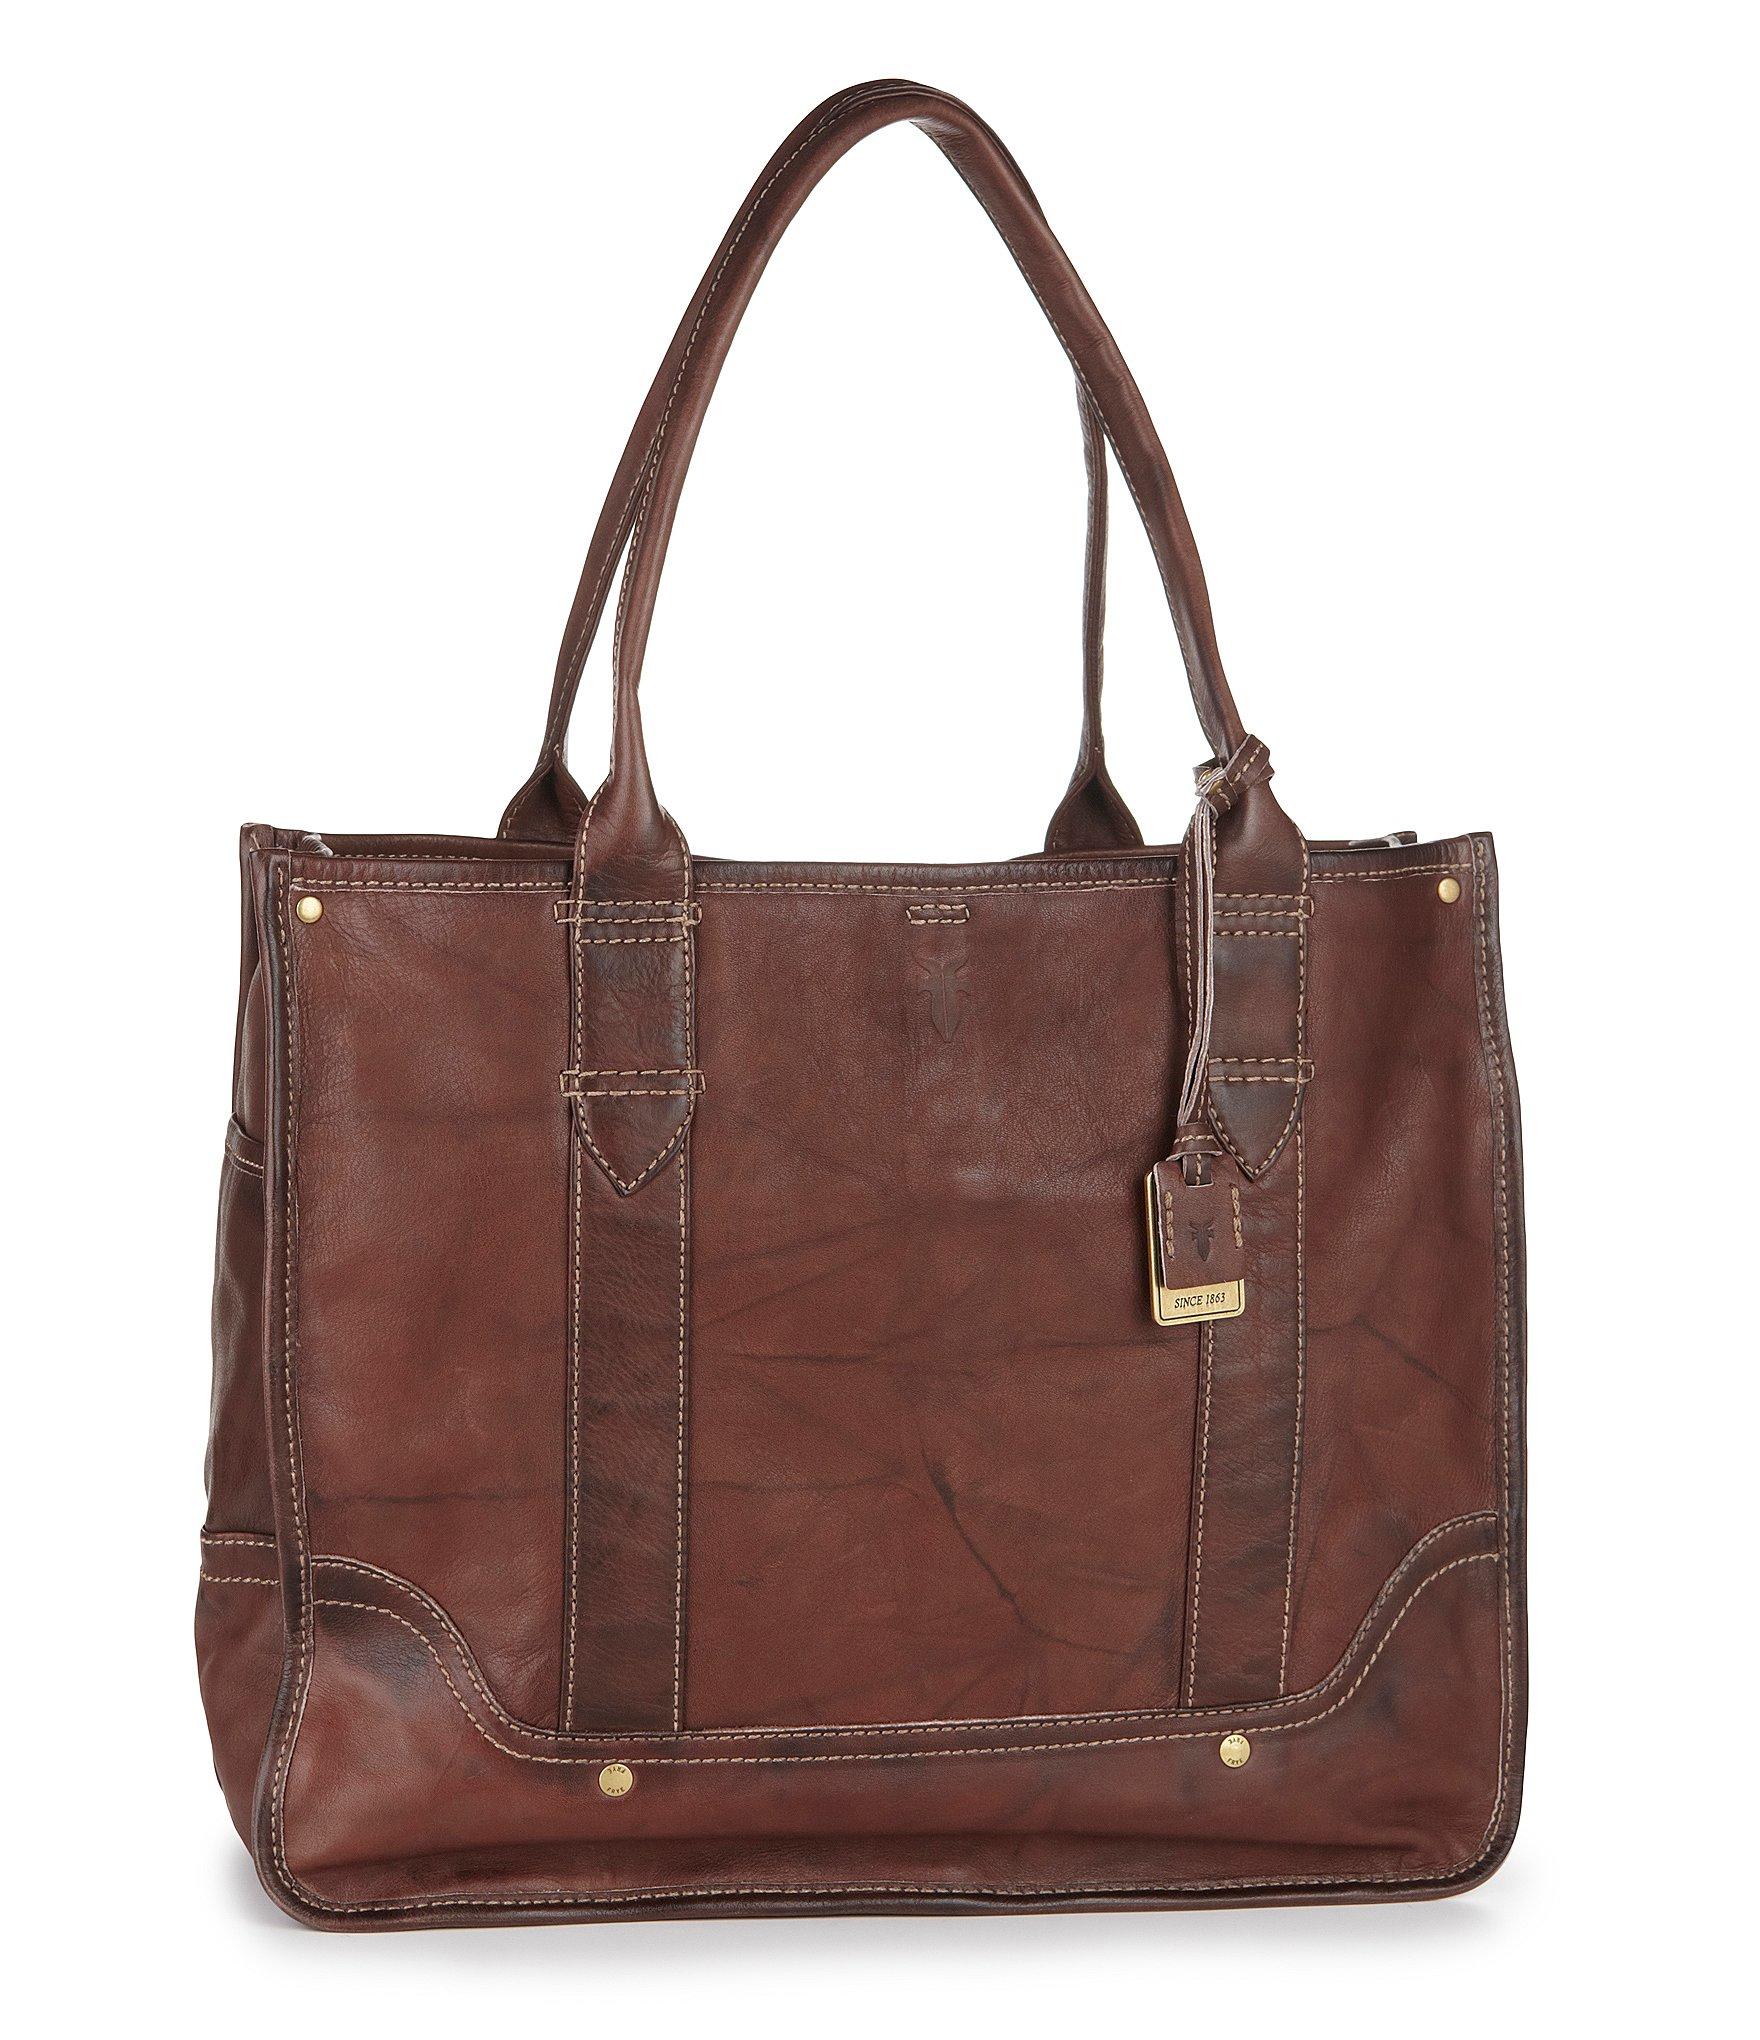 Frye Campus Shopper Tote Bag in Brown